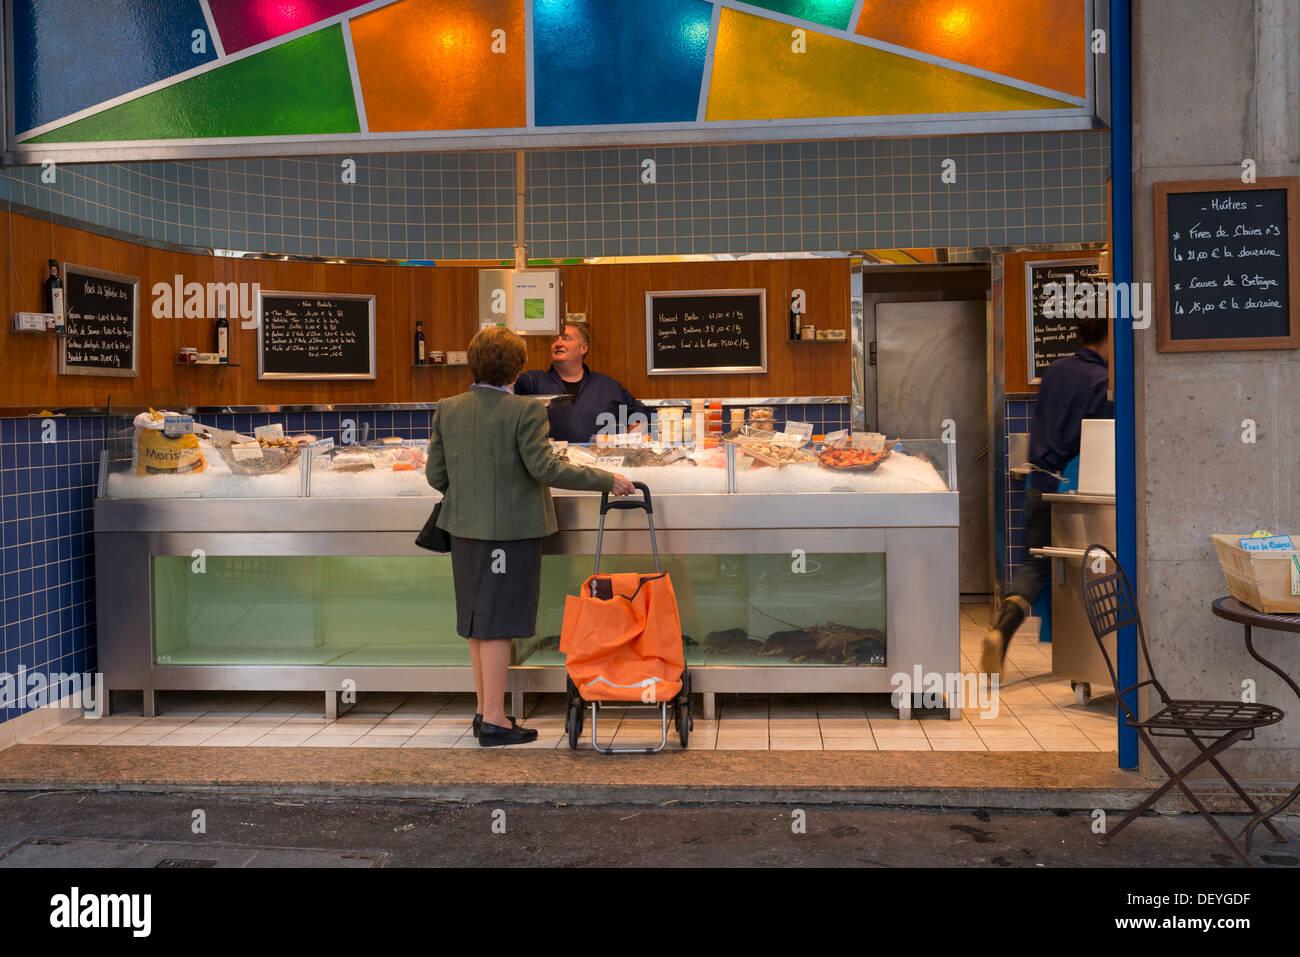 Fish shop, Paris' Rive Gauche - Stock Image